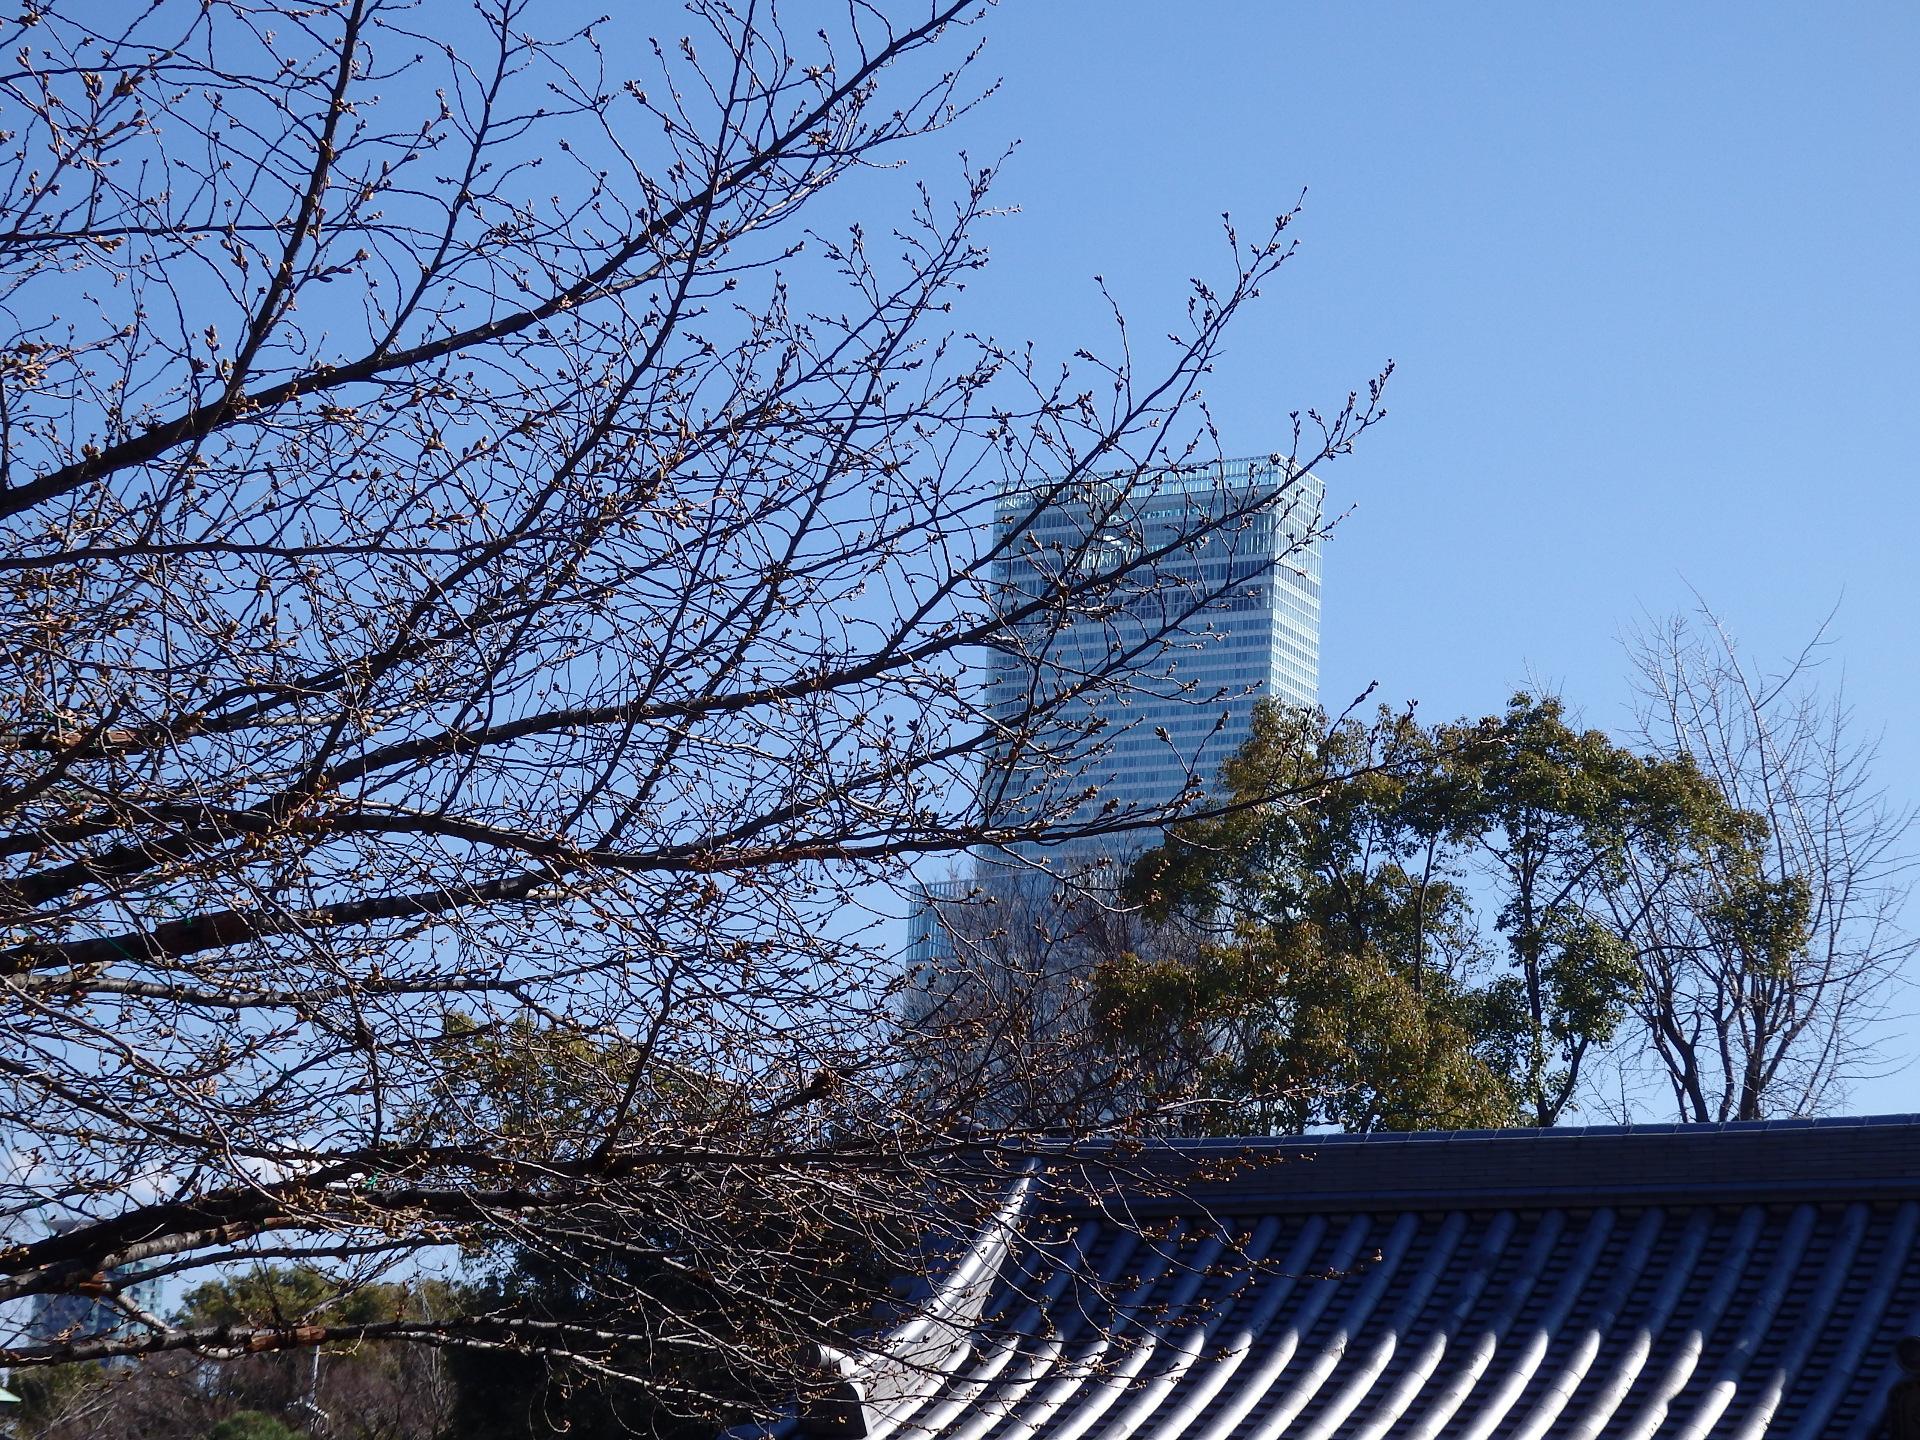 桜の木ごしにあべのハルカスを望む。